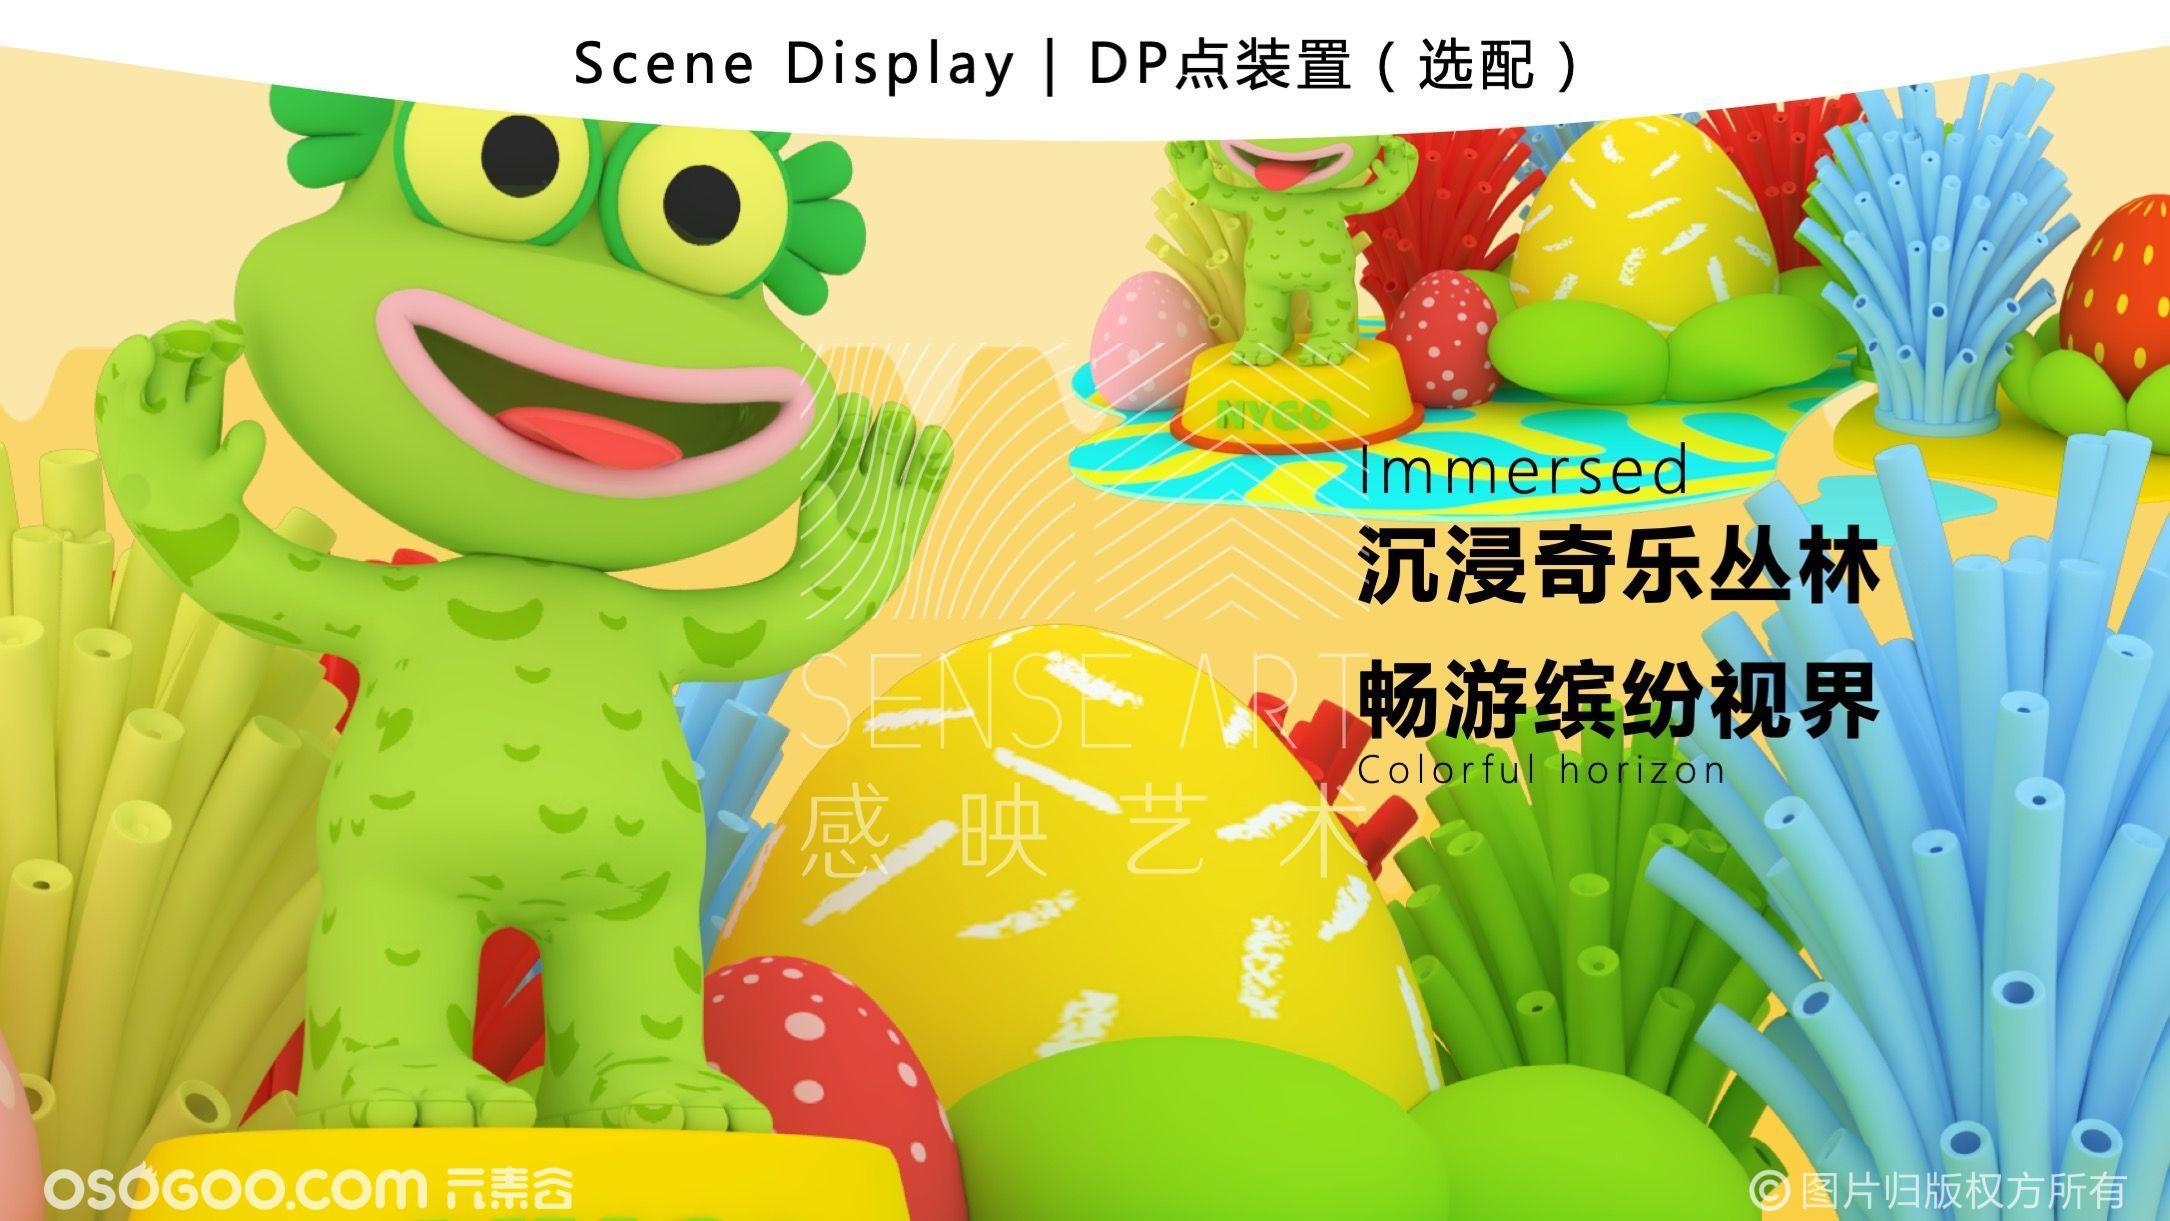 【集合吧 森灵萌友会】奥地利萌趣潮玩艺术家主题IP装置展